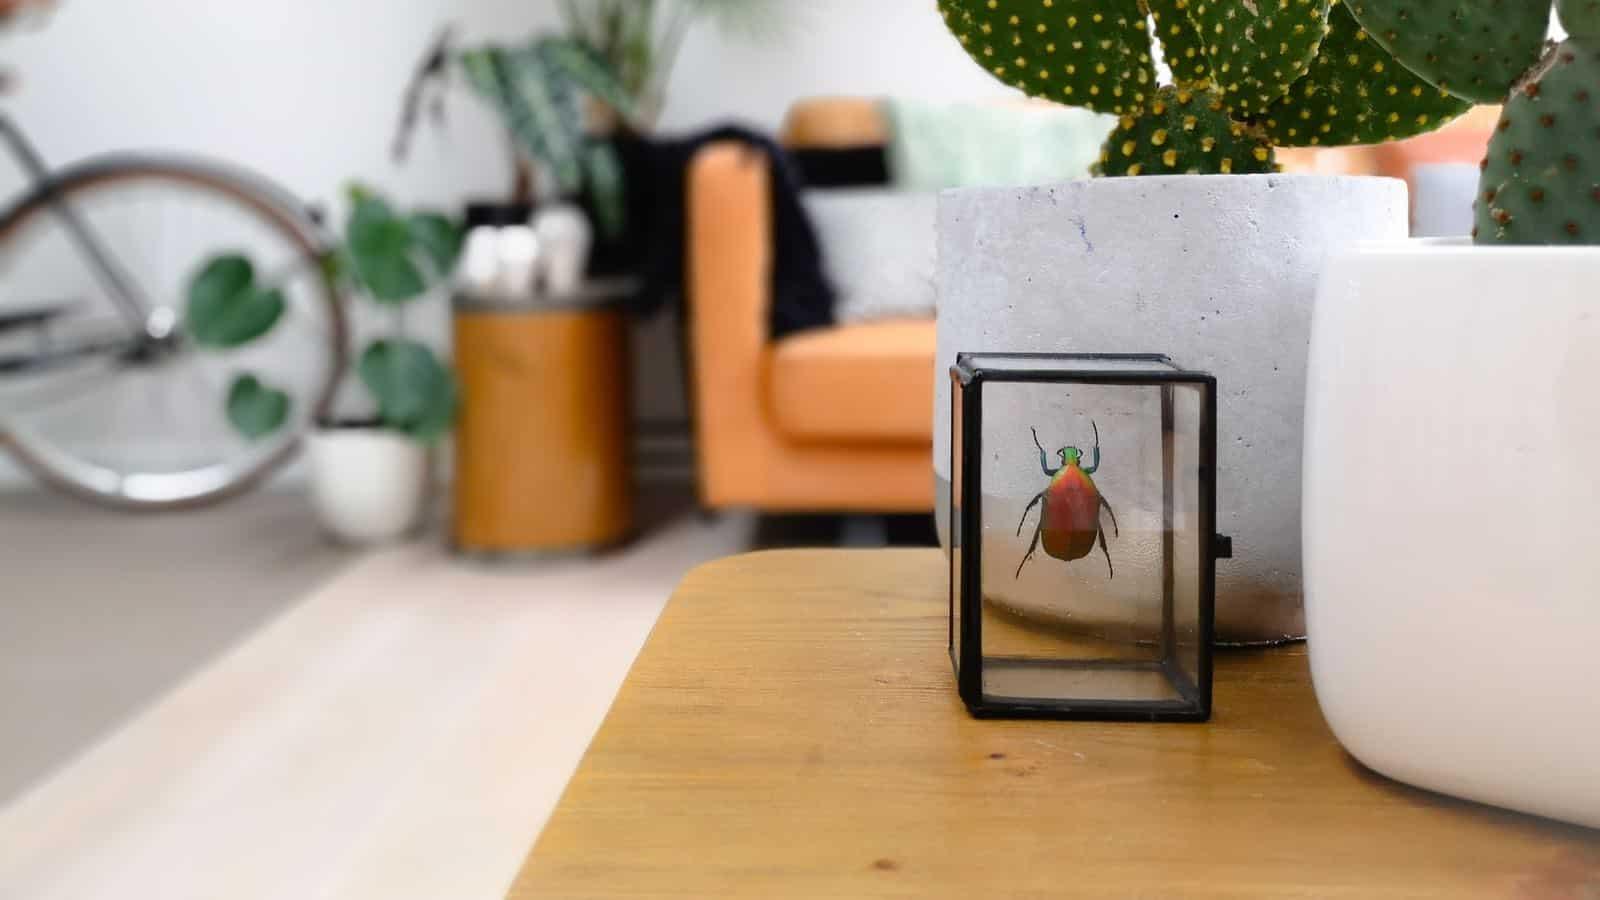 Käfer im Haus- 6 beste Tipps und Hausmittel für die Bekämpfung